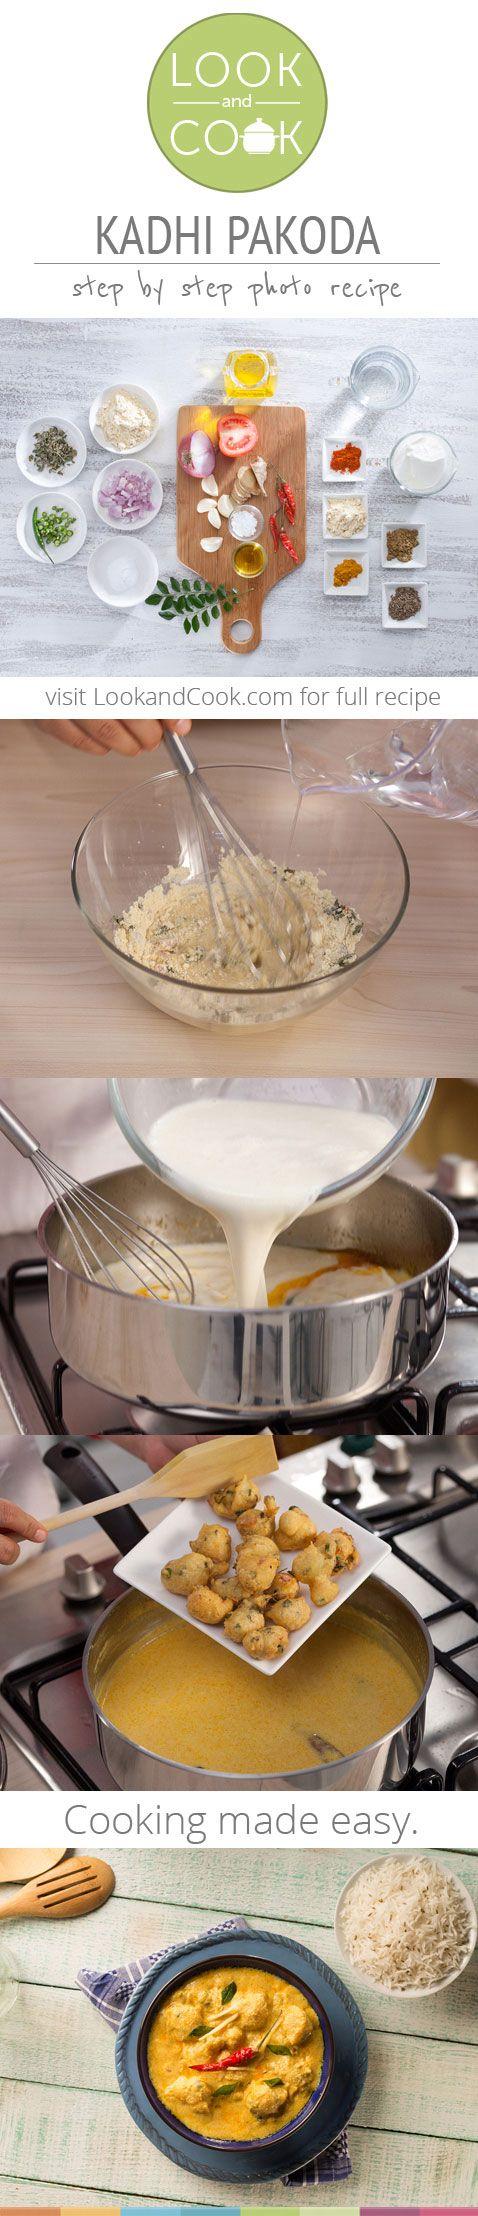 How to make kadhi pakora